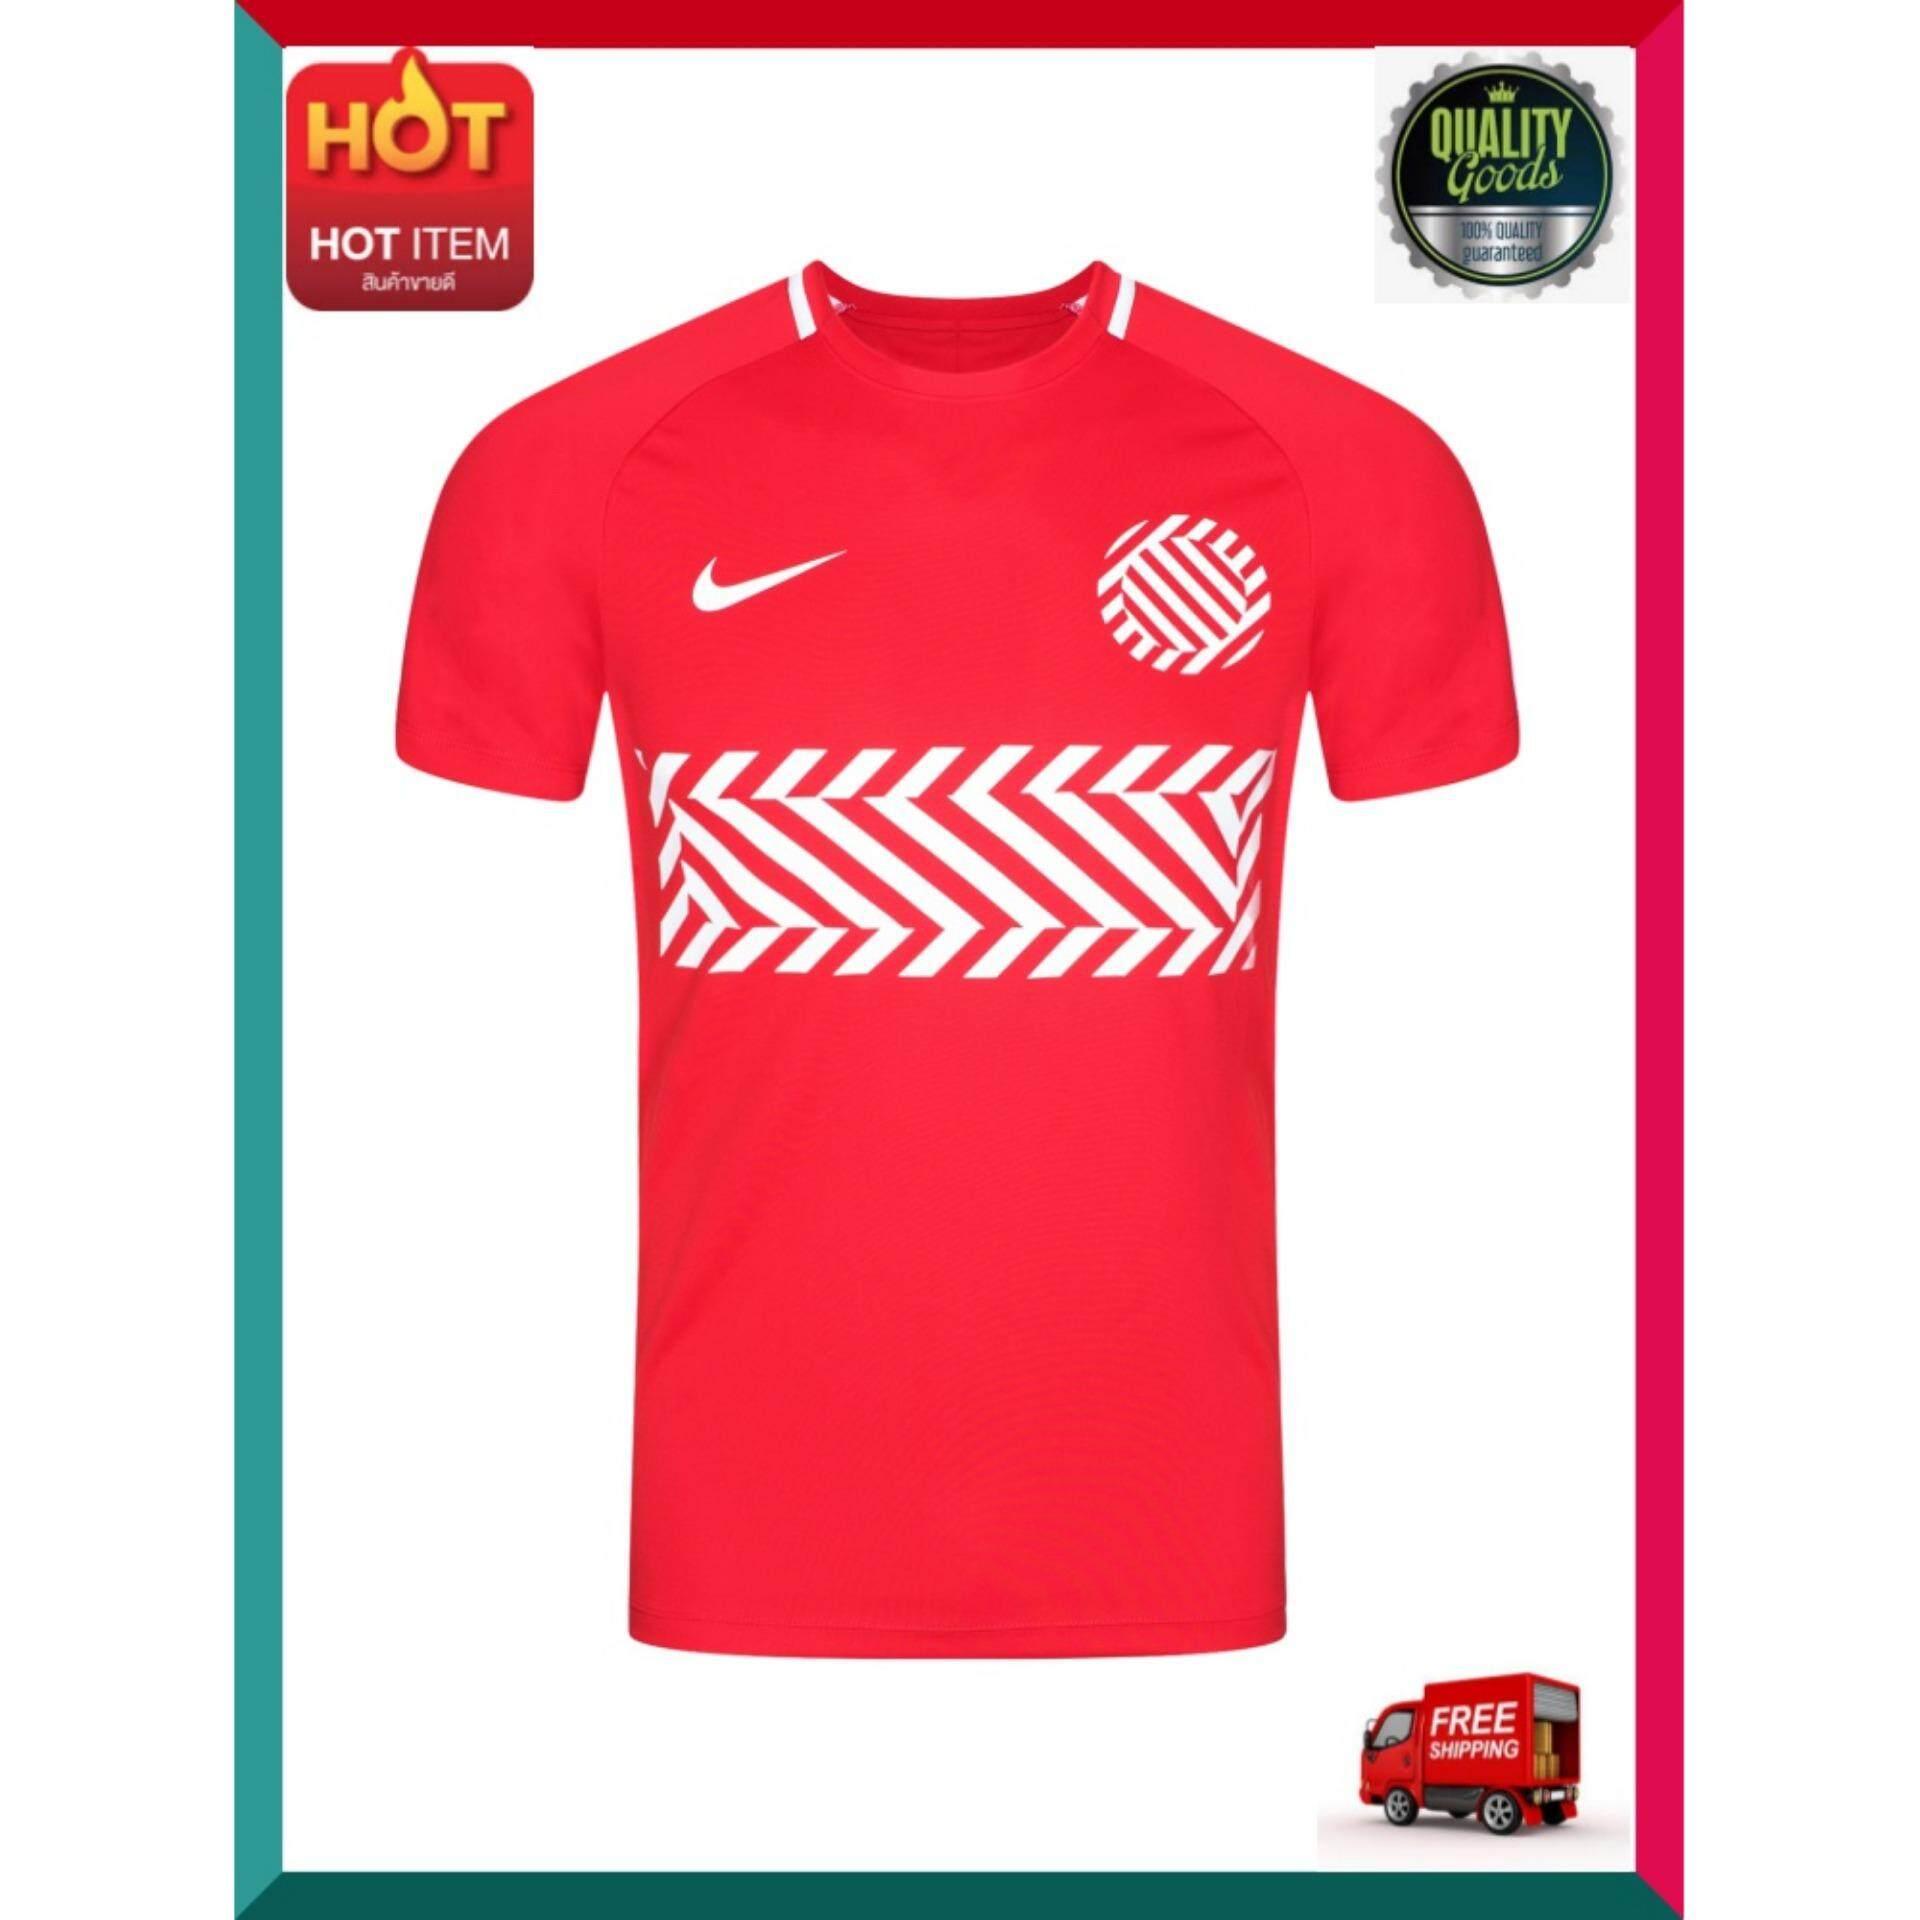 ด่วน ของมีจำนวนจำกัด Nike เสื้อฟุตบอลผู้ชาย รุ่น Dry Academy Football Top 859931-657 ไซส์ Us-S สีแดง โปรโมชั่นสุดคุ้ม โค้งสุดท้าย By Happy Mindset.